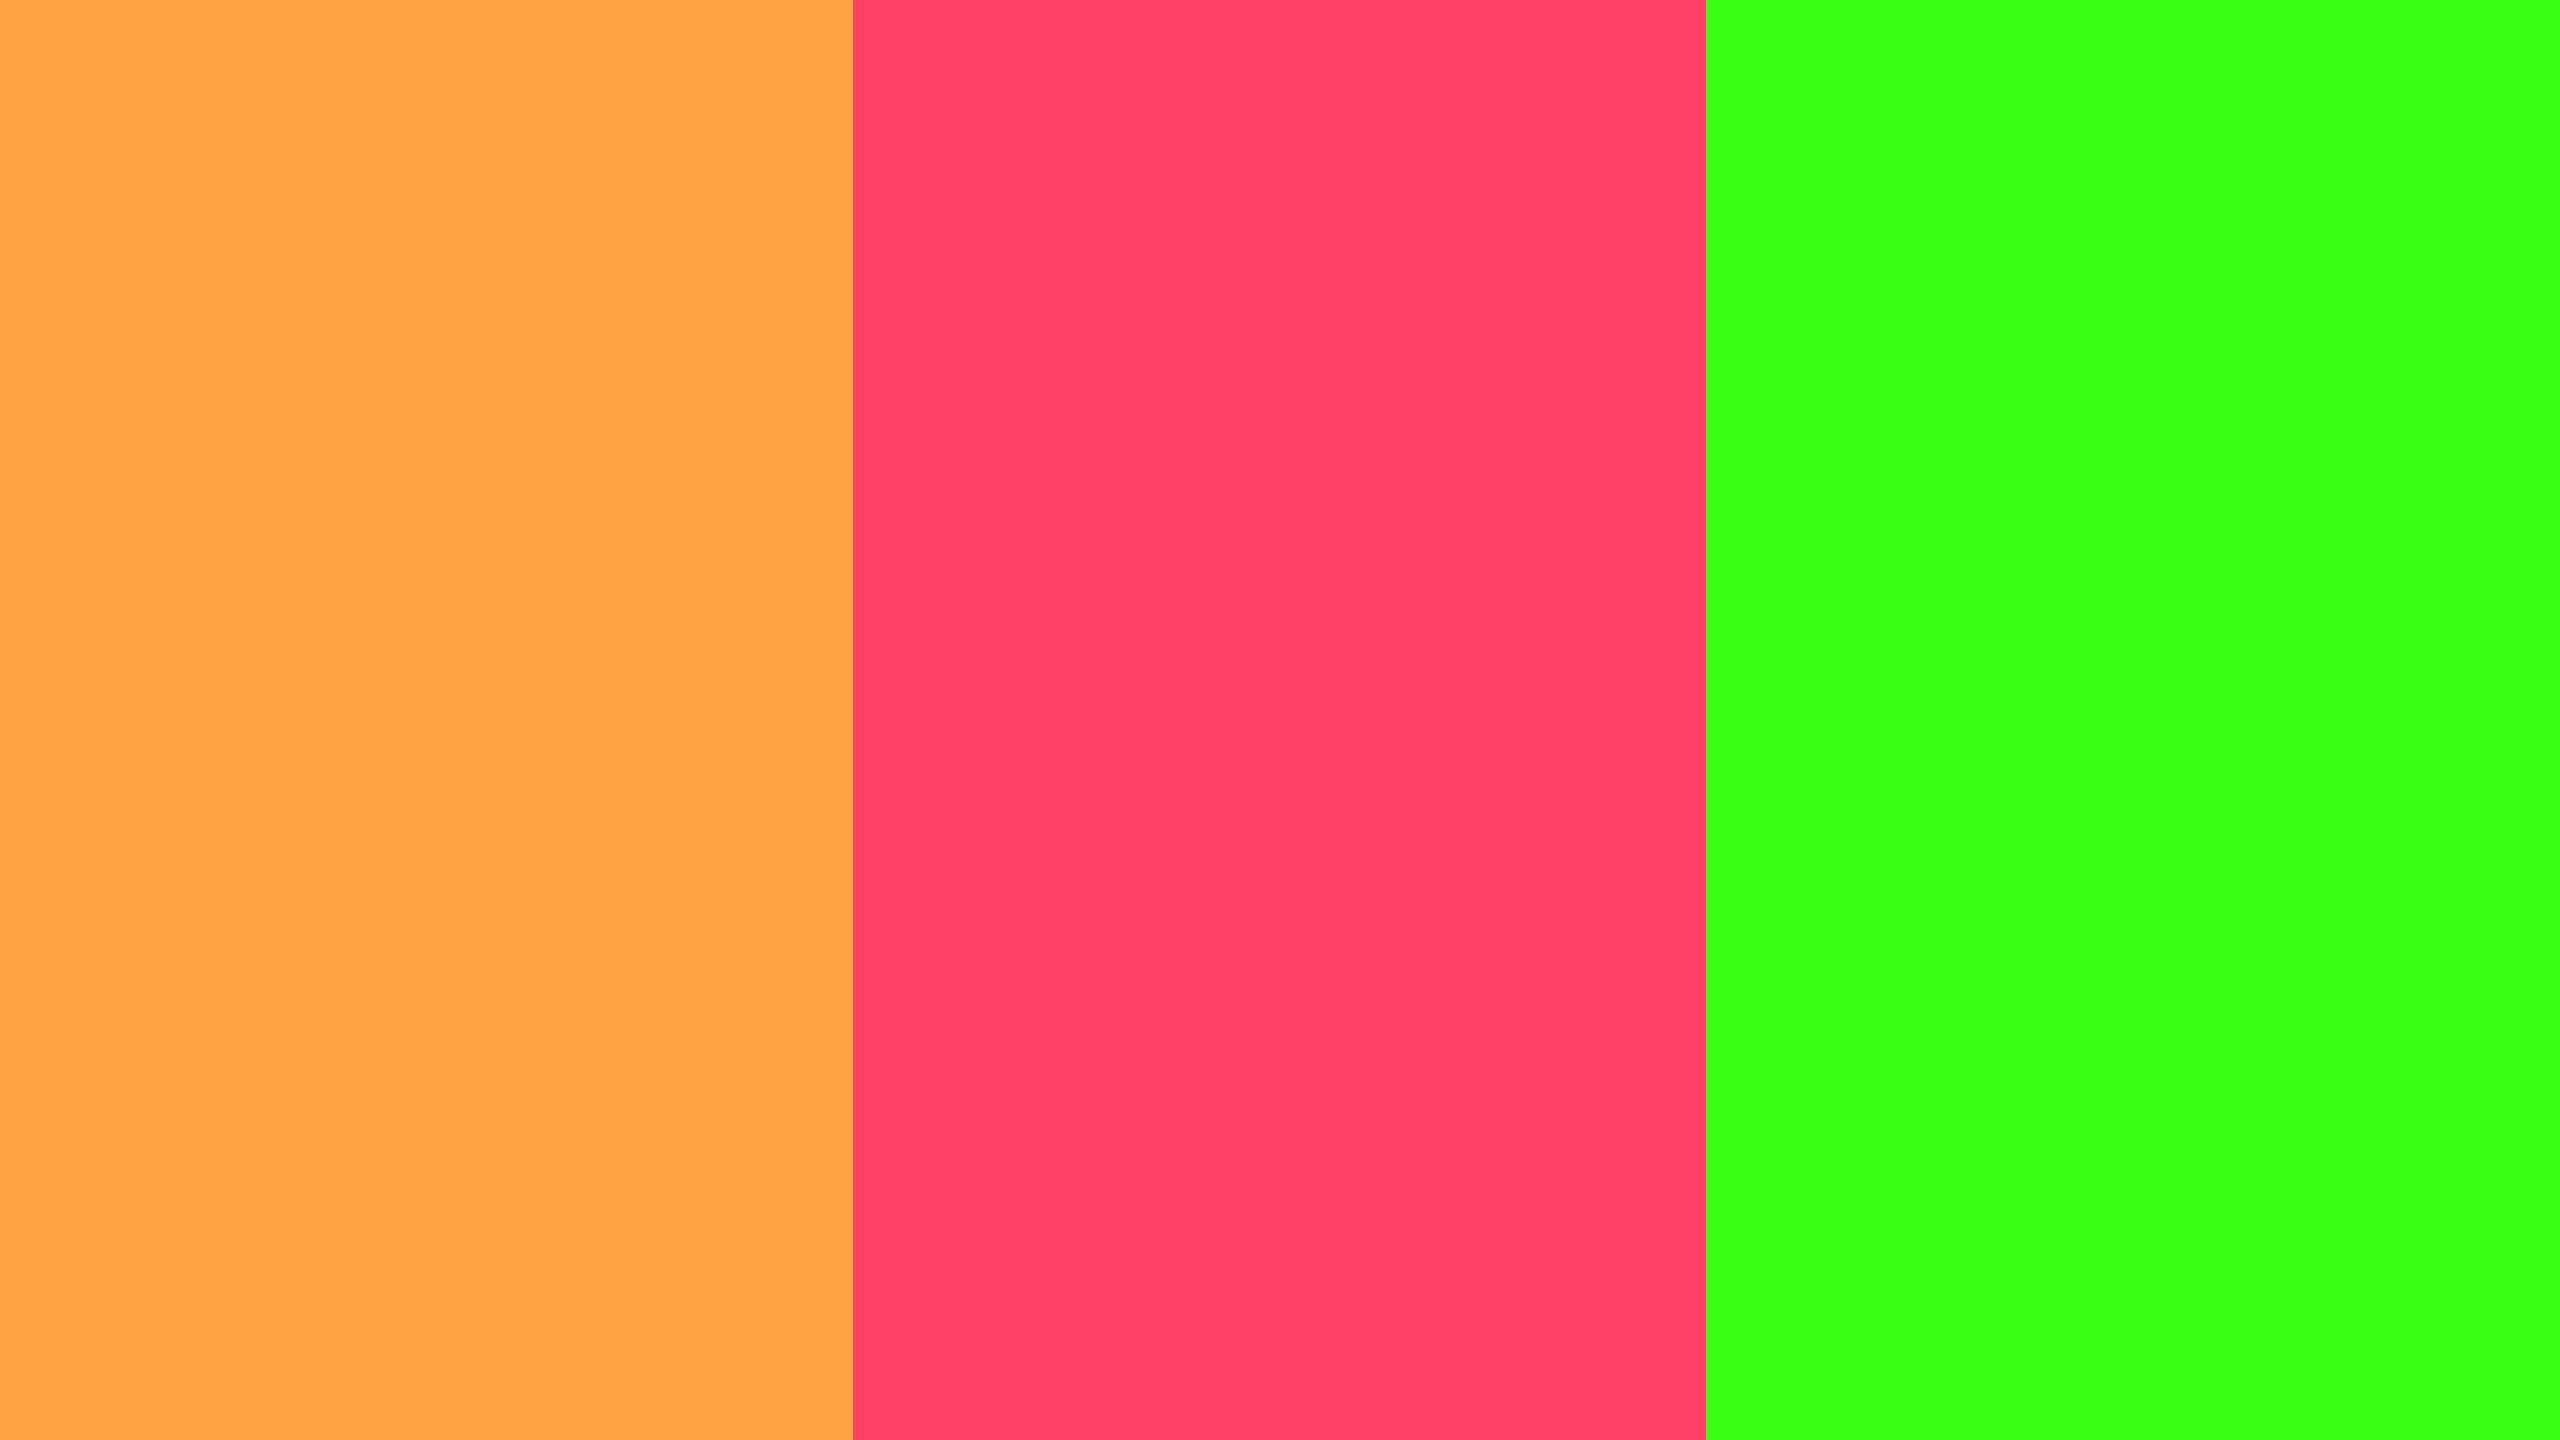 Neon Yellow Backgrounds 2560x1440